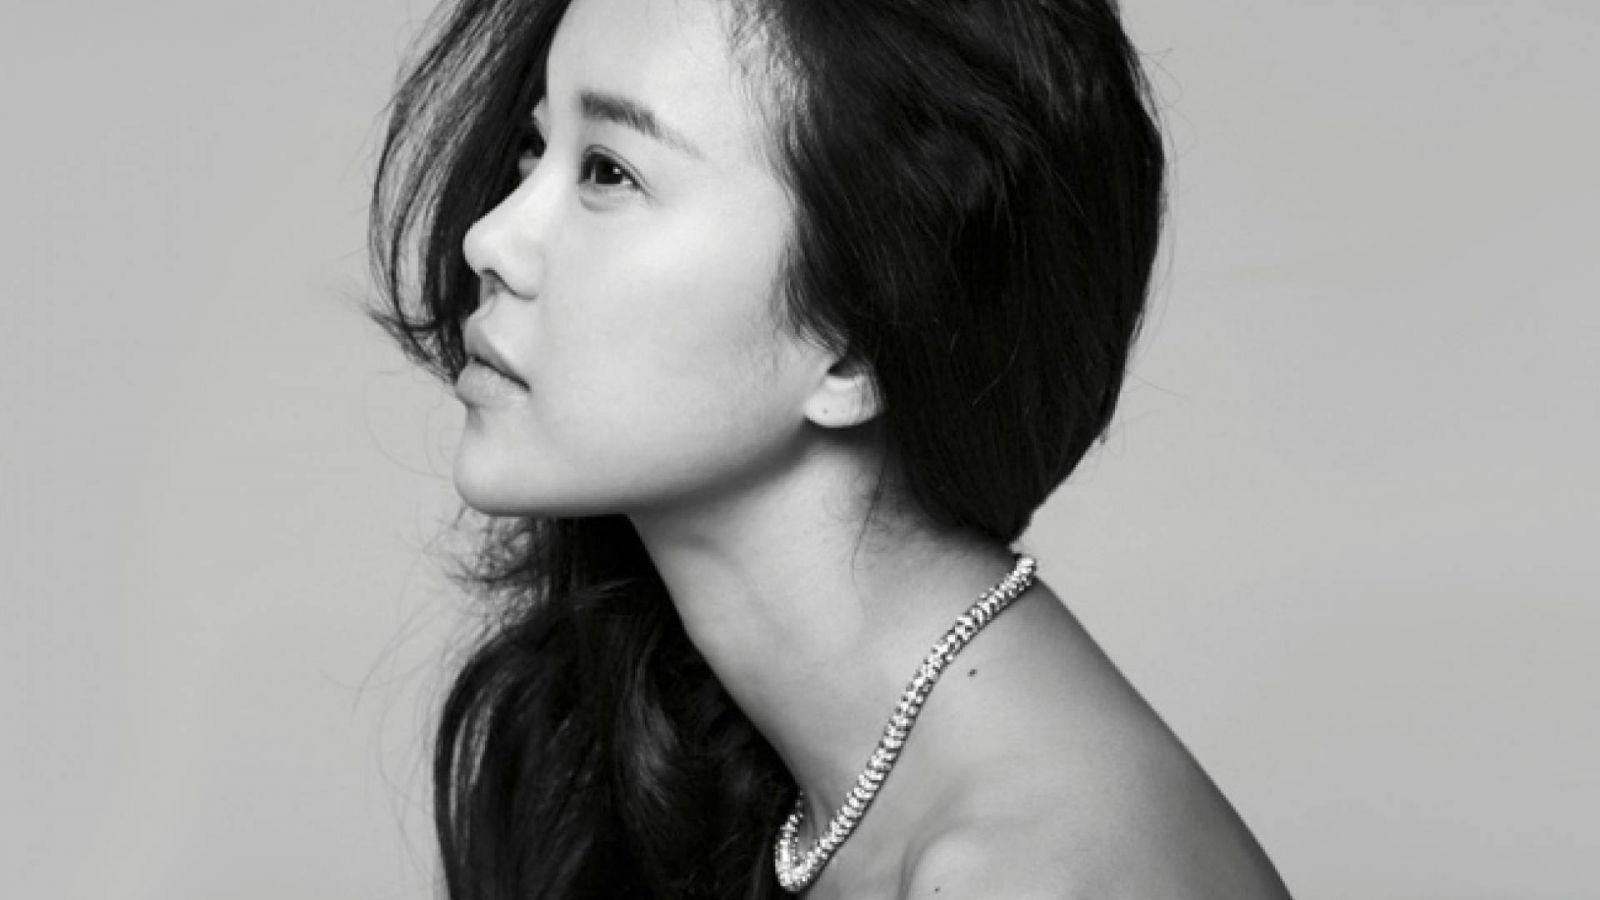 Baek Ji Young © Baek Ji Young